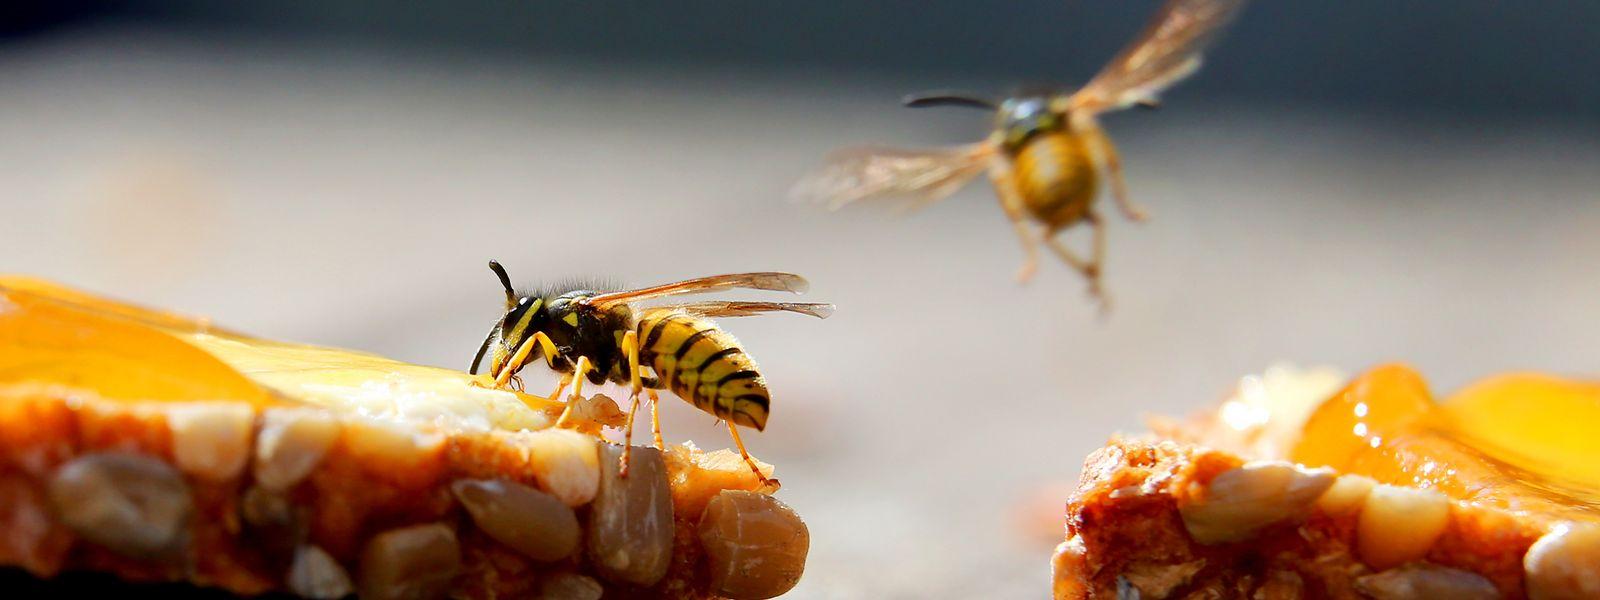 Süße Speisen, etwa ein Marmeladenbrot, sind für Wespen besonders anziehend.